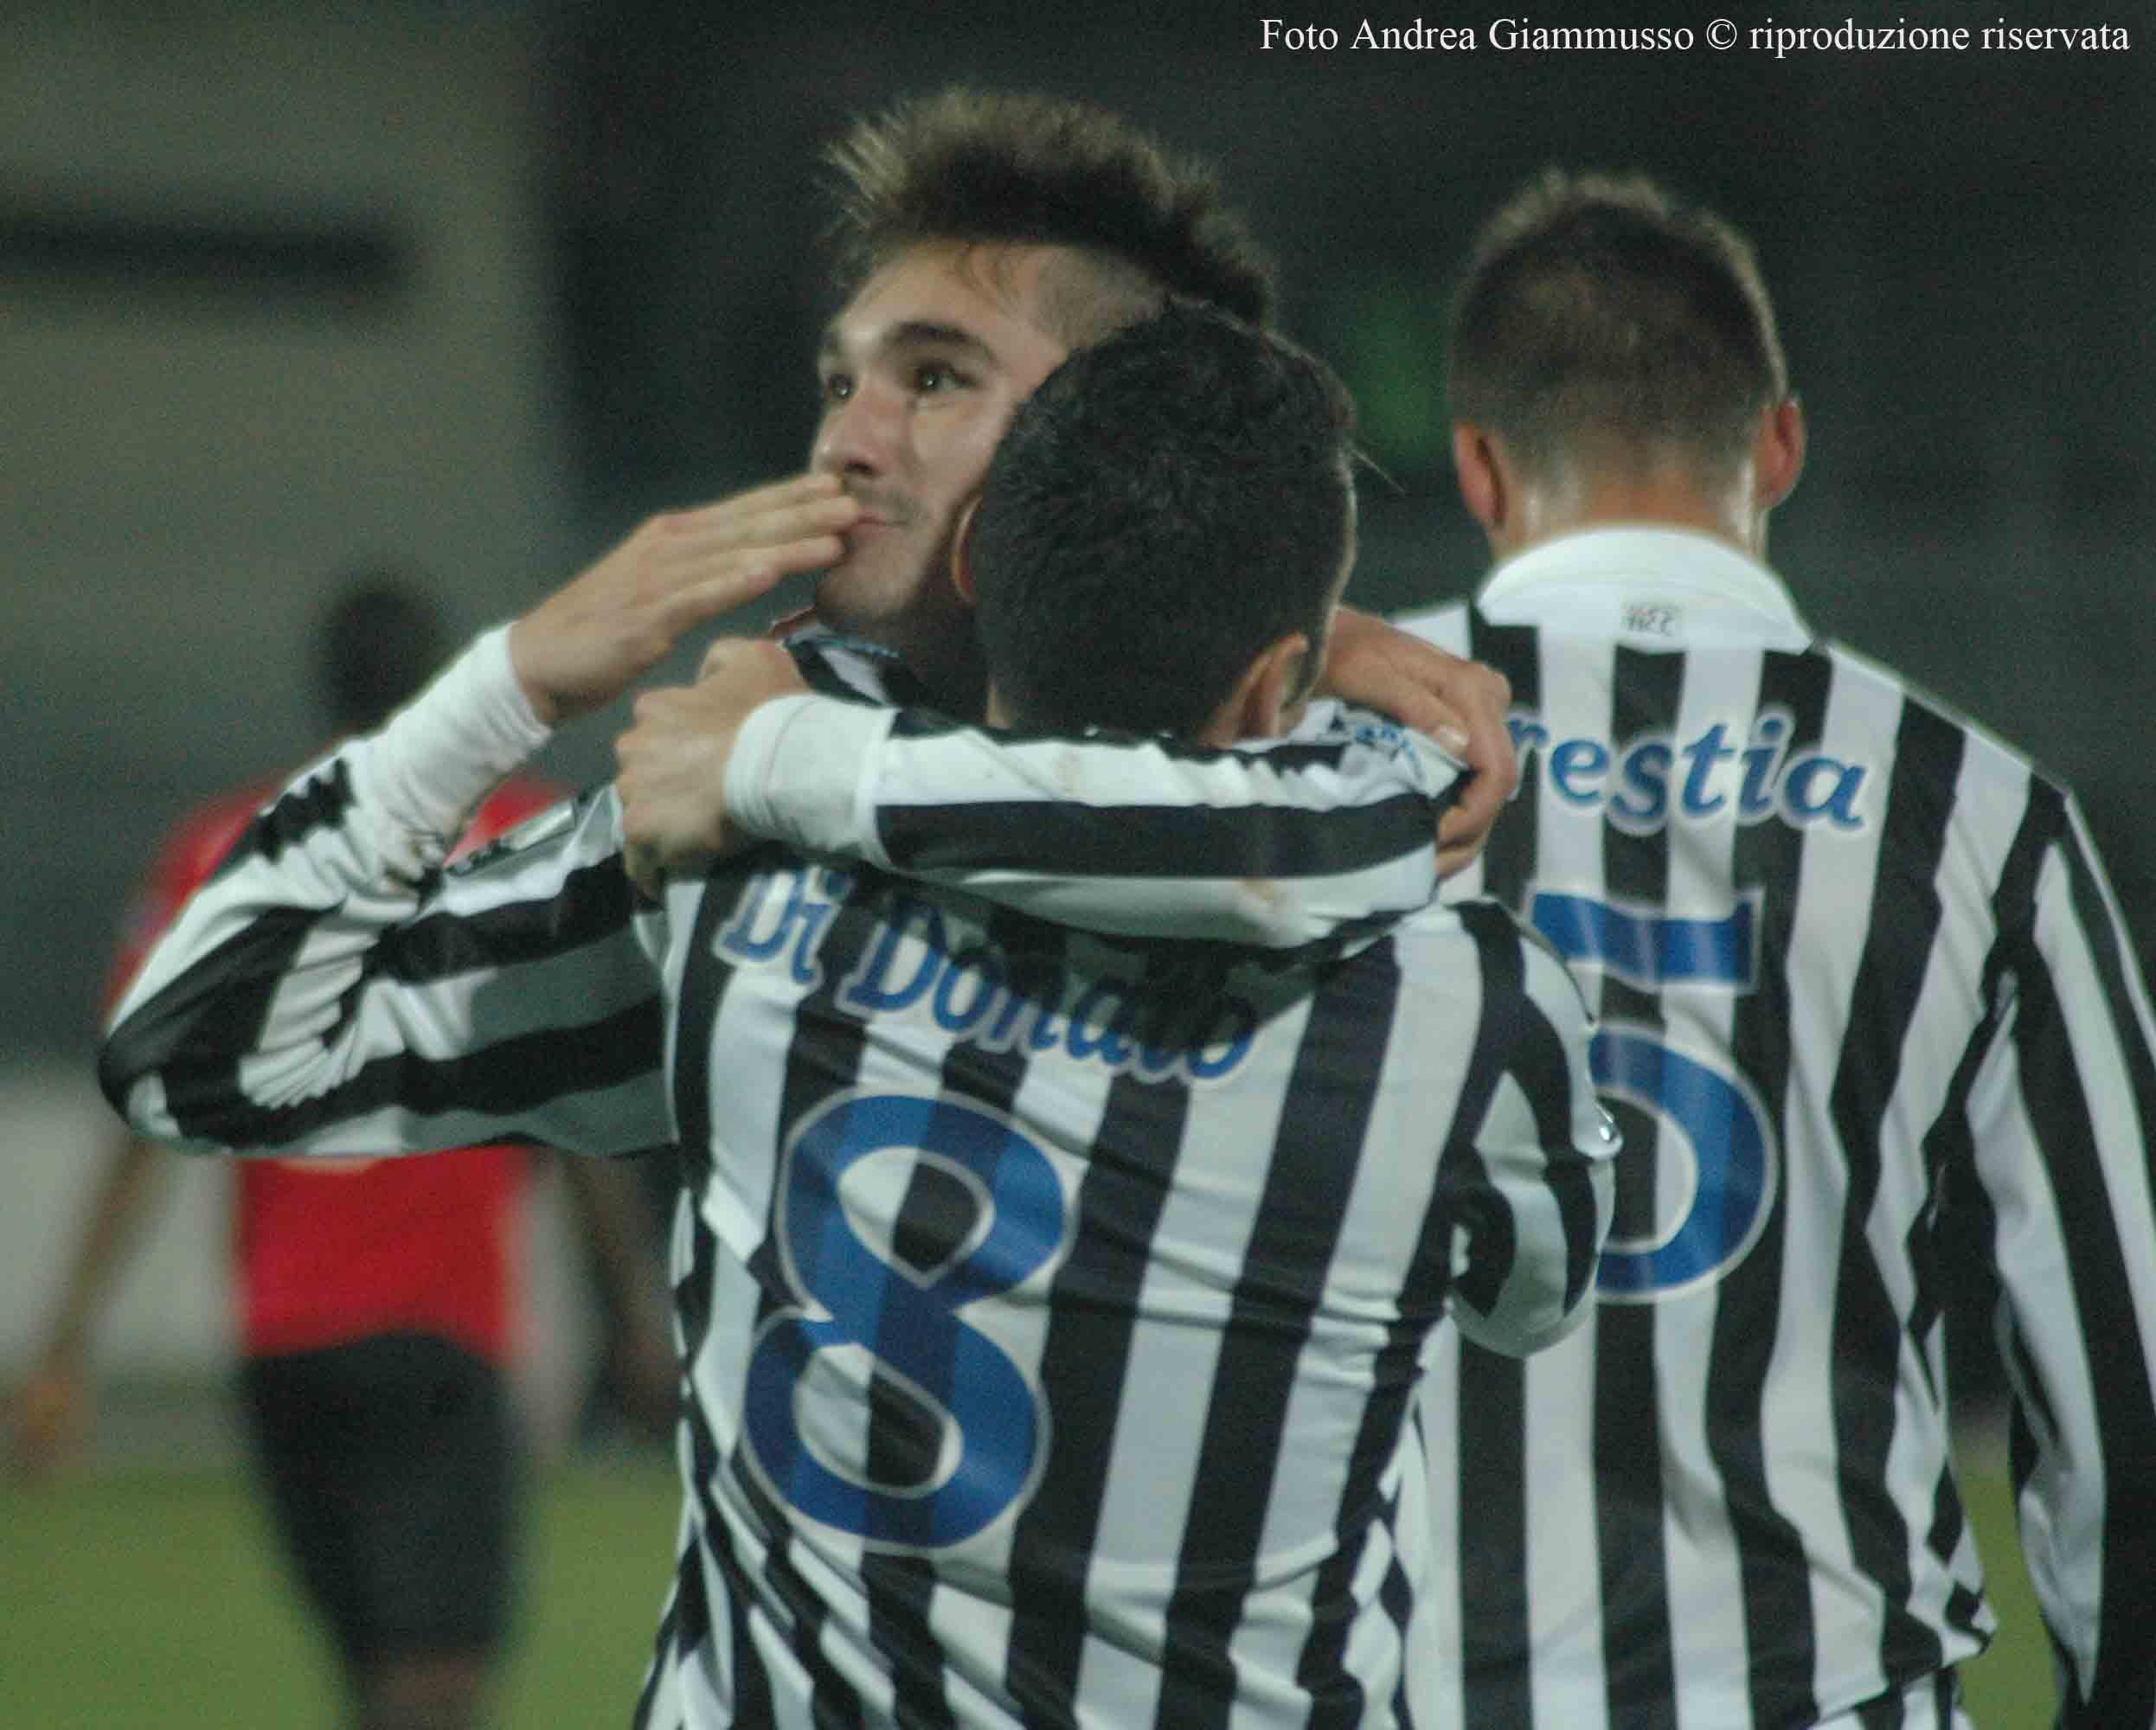 Esultanza Fossati dopo il gol al Novara (foto Giammusso, riproduzione vietata)